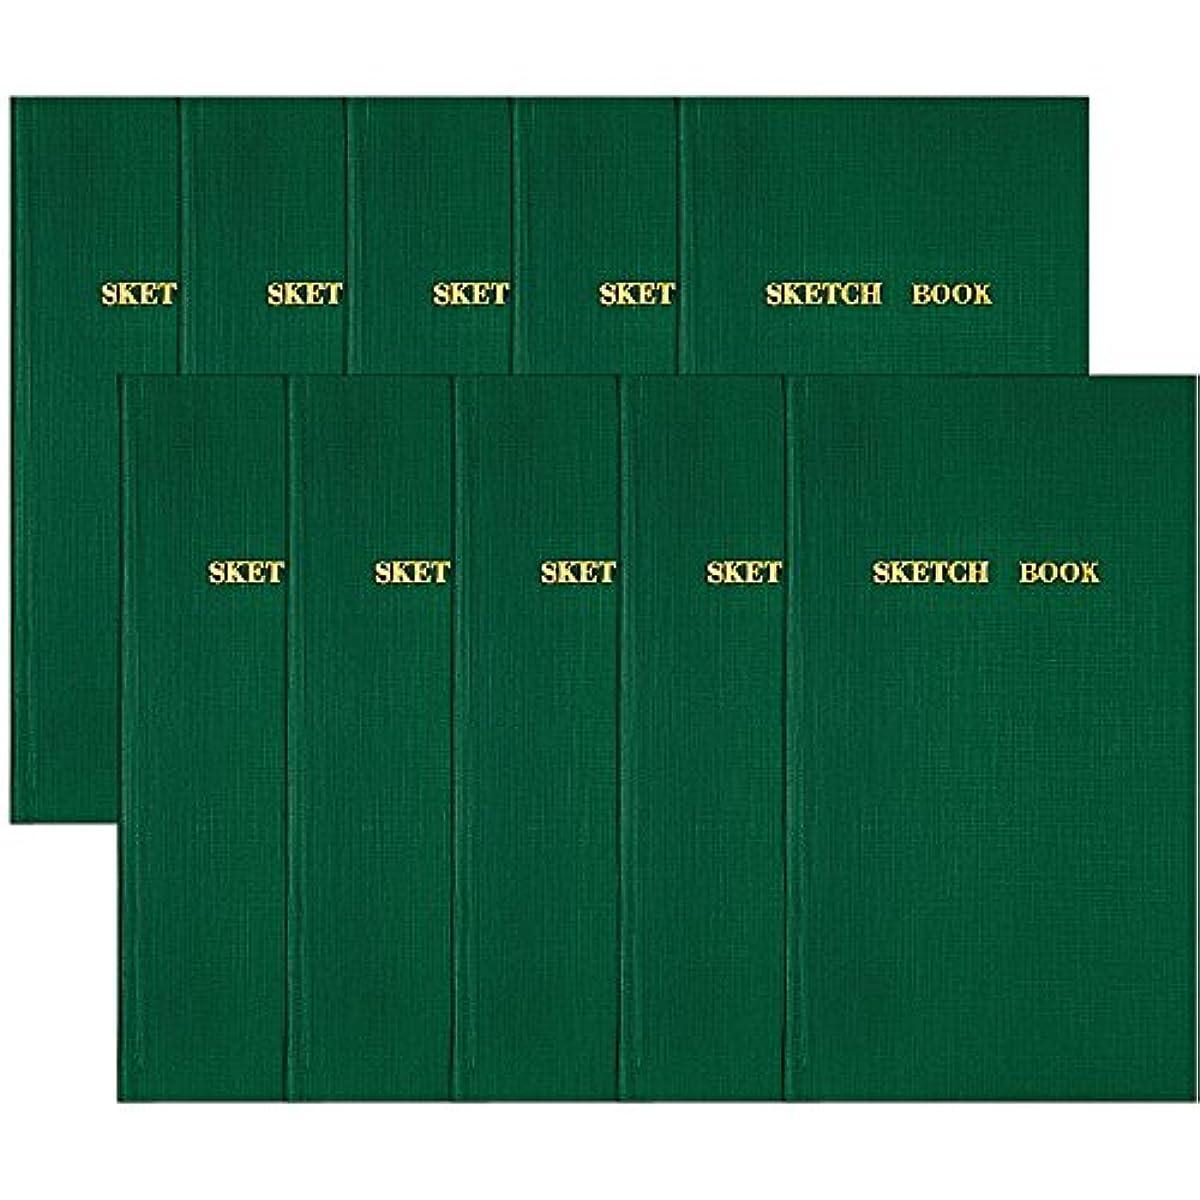 [해외] 코쿠요 측량 노트 (40매 x 10권) 세트